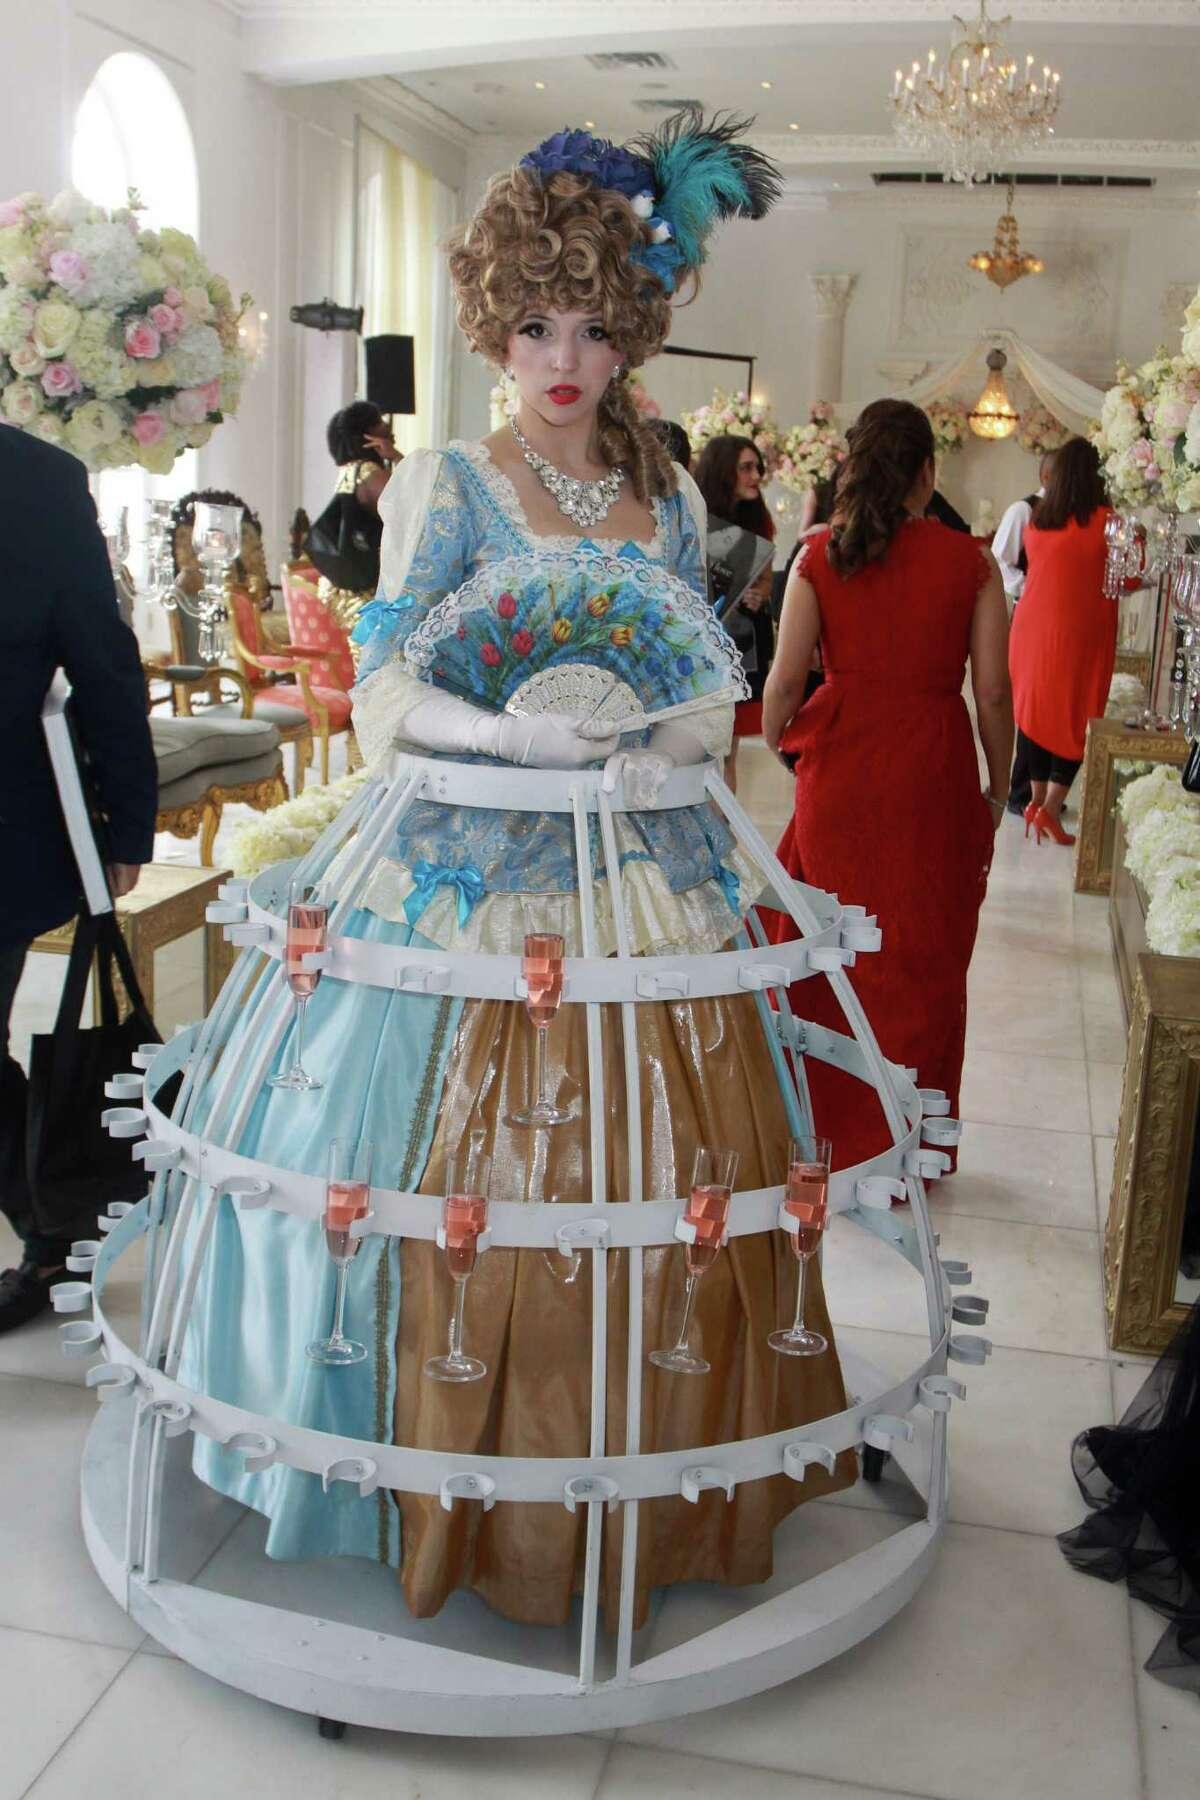 Madeline Kiley wears a champagne dress.